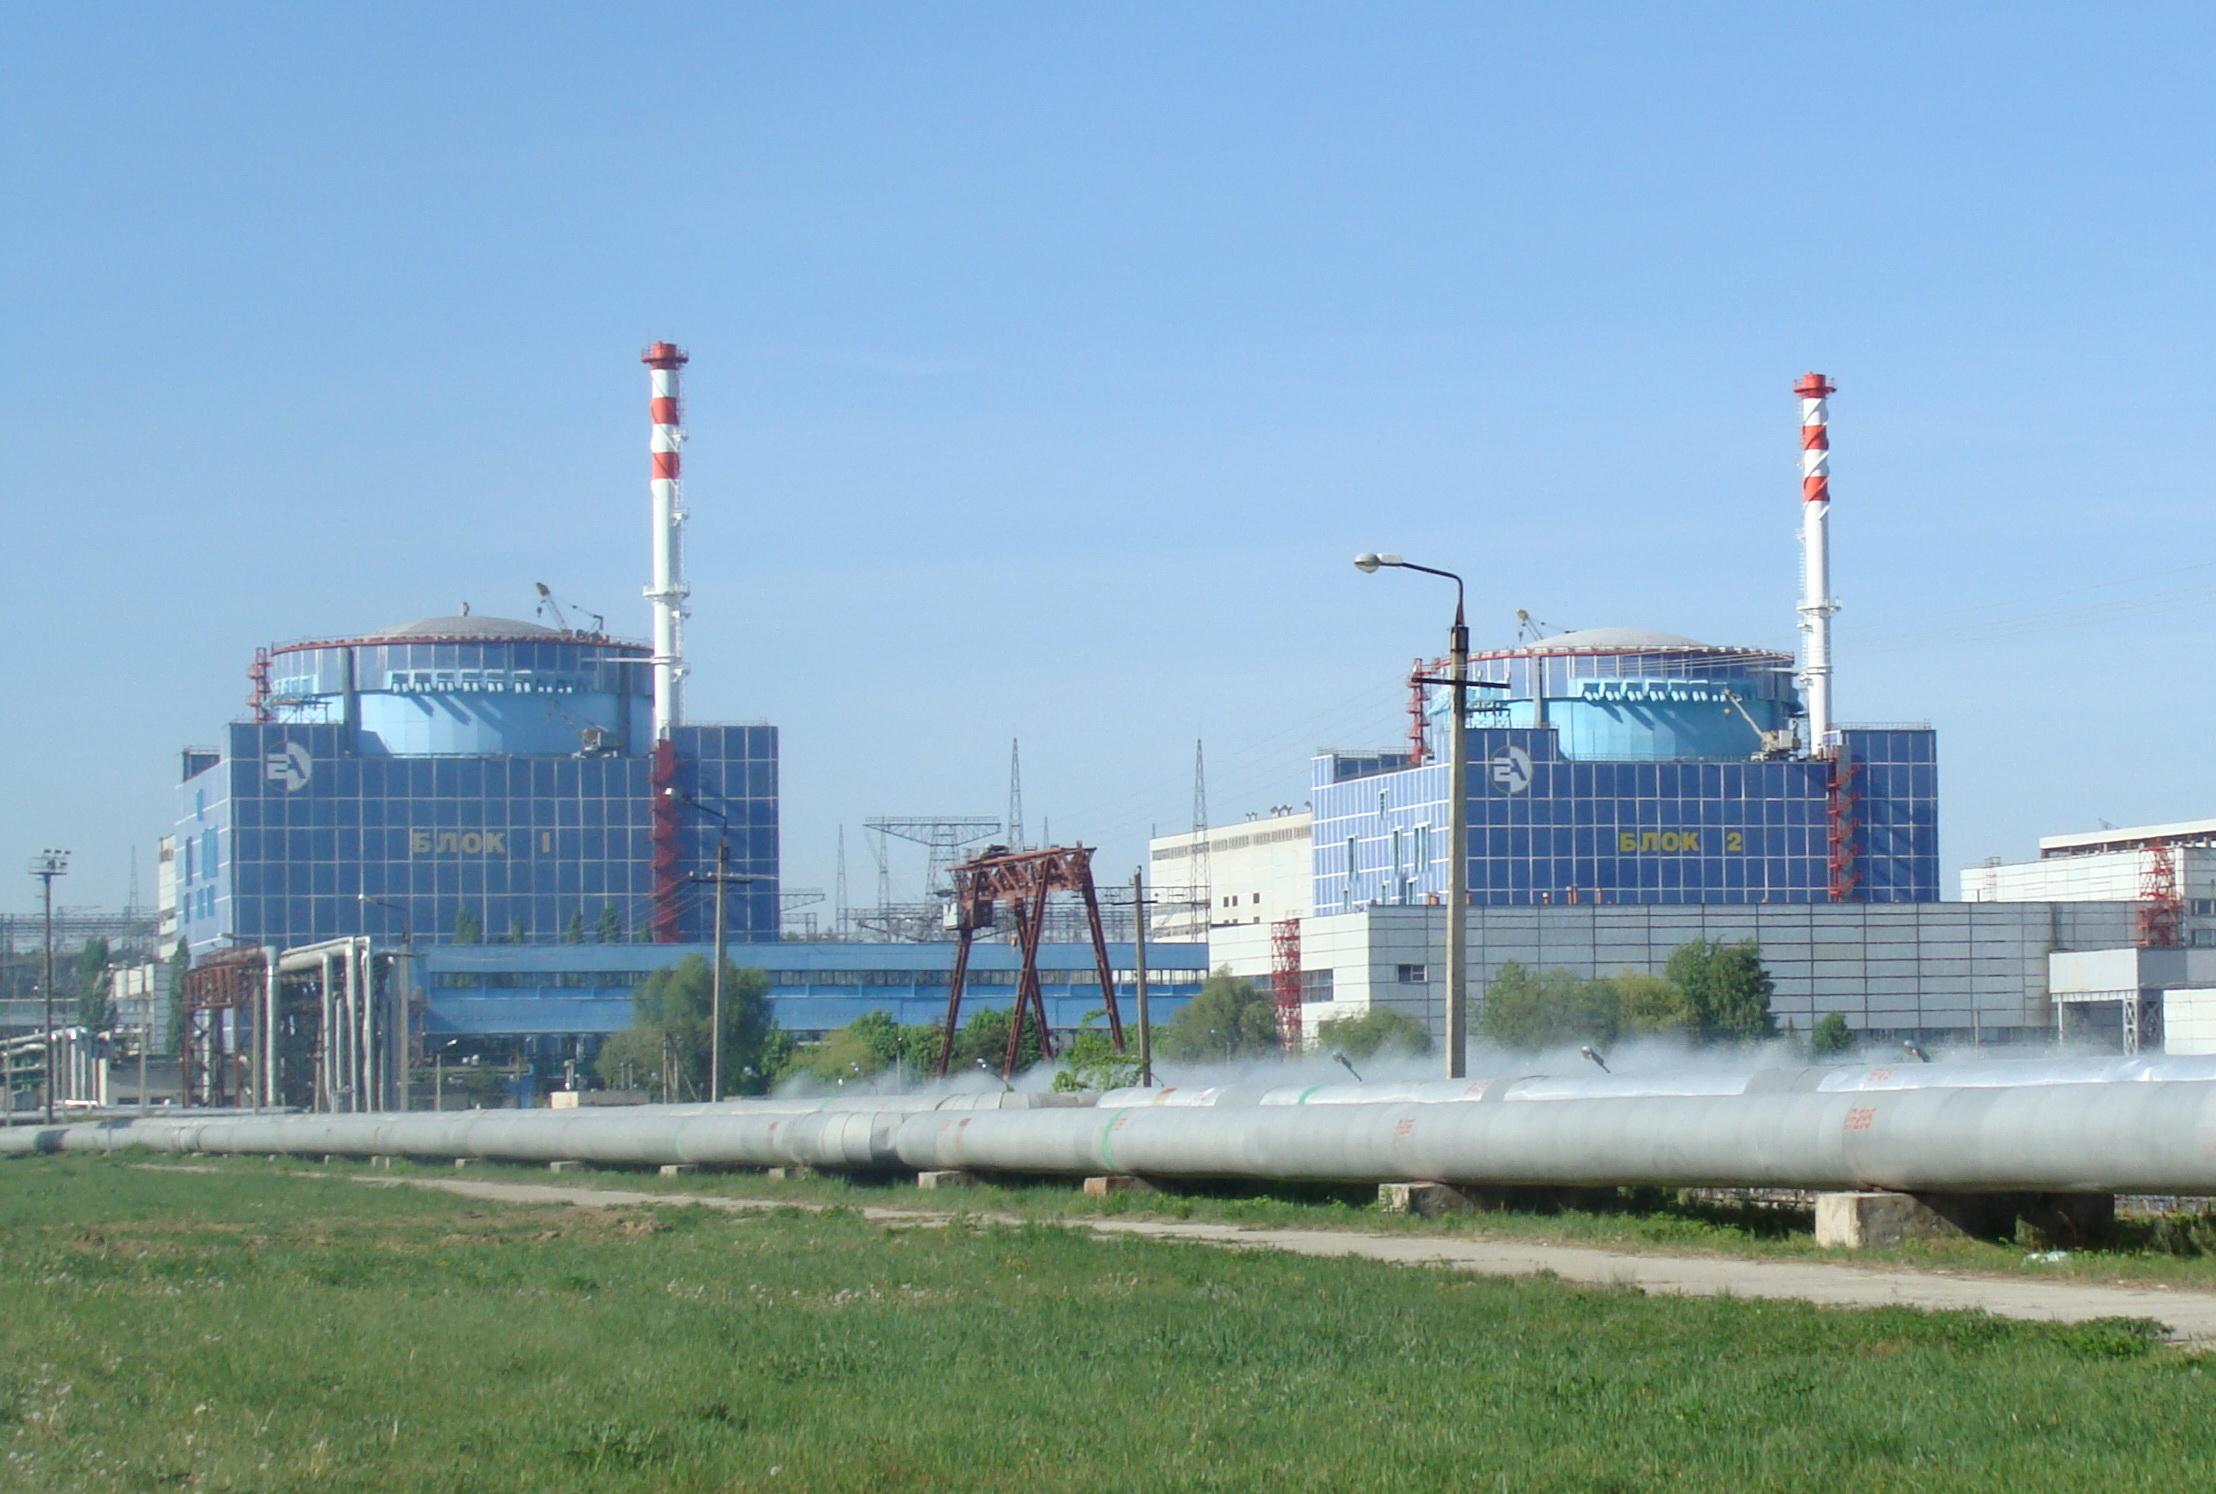 «Енергоатом» вирішив добудувати два енергоблоки на ХАЕС: чому експерти проти цього